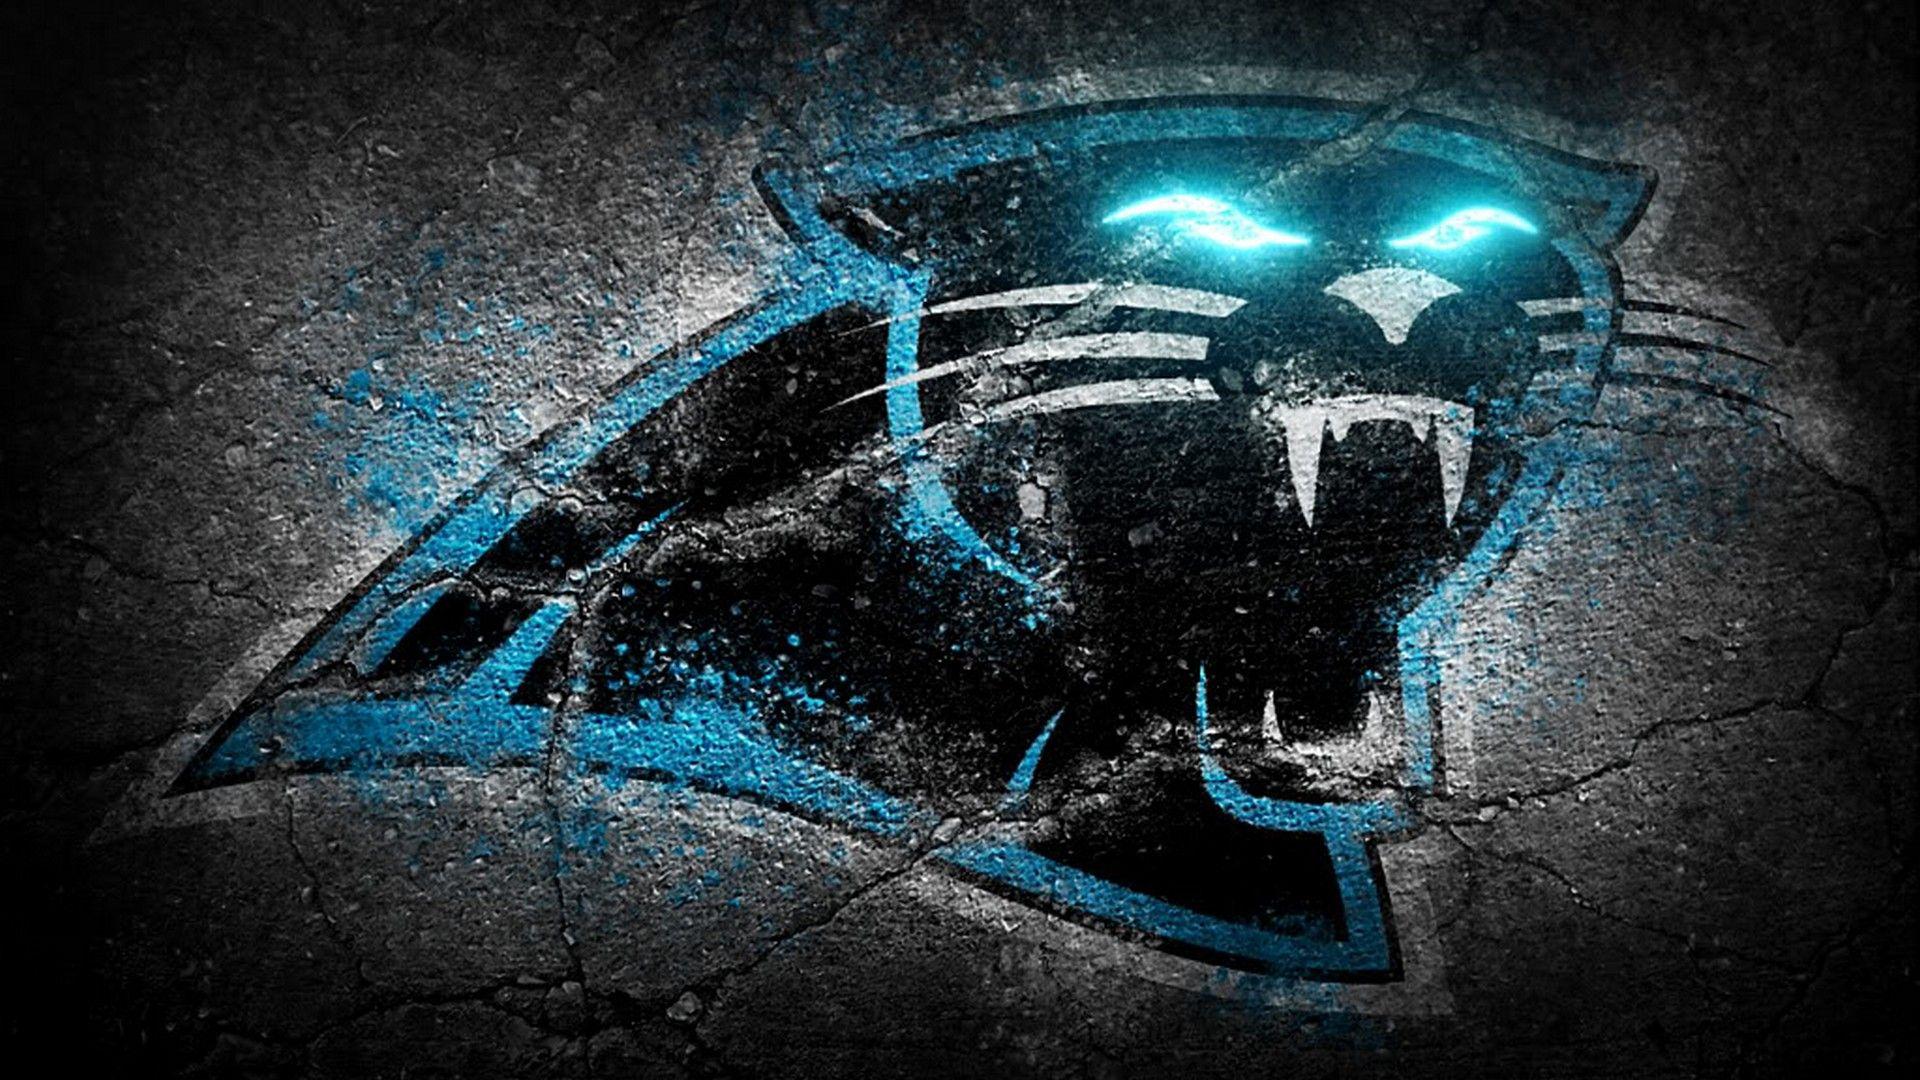 Carolina Panthers For Mac | Carolina panthers wallpaper ...